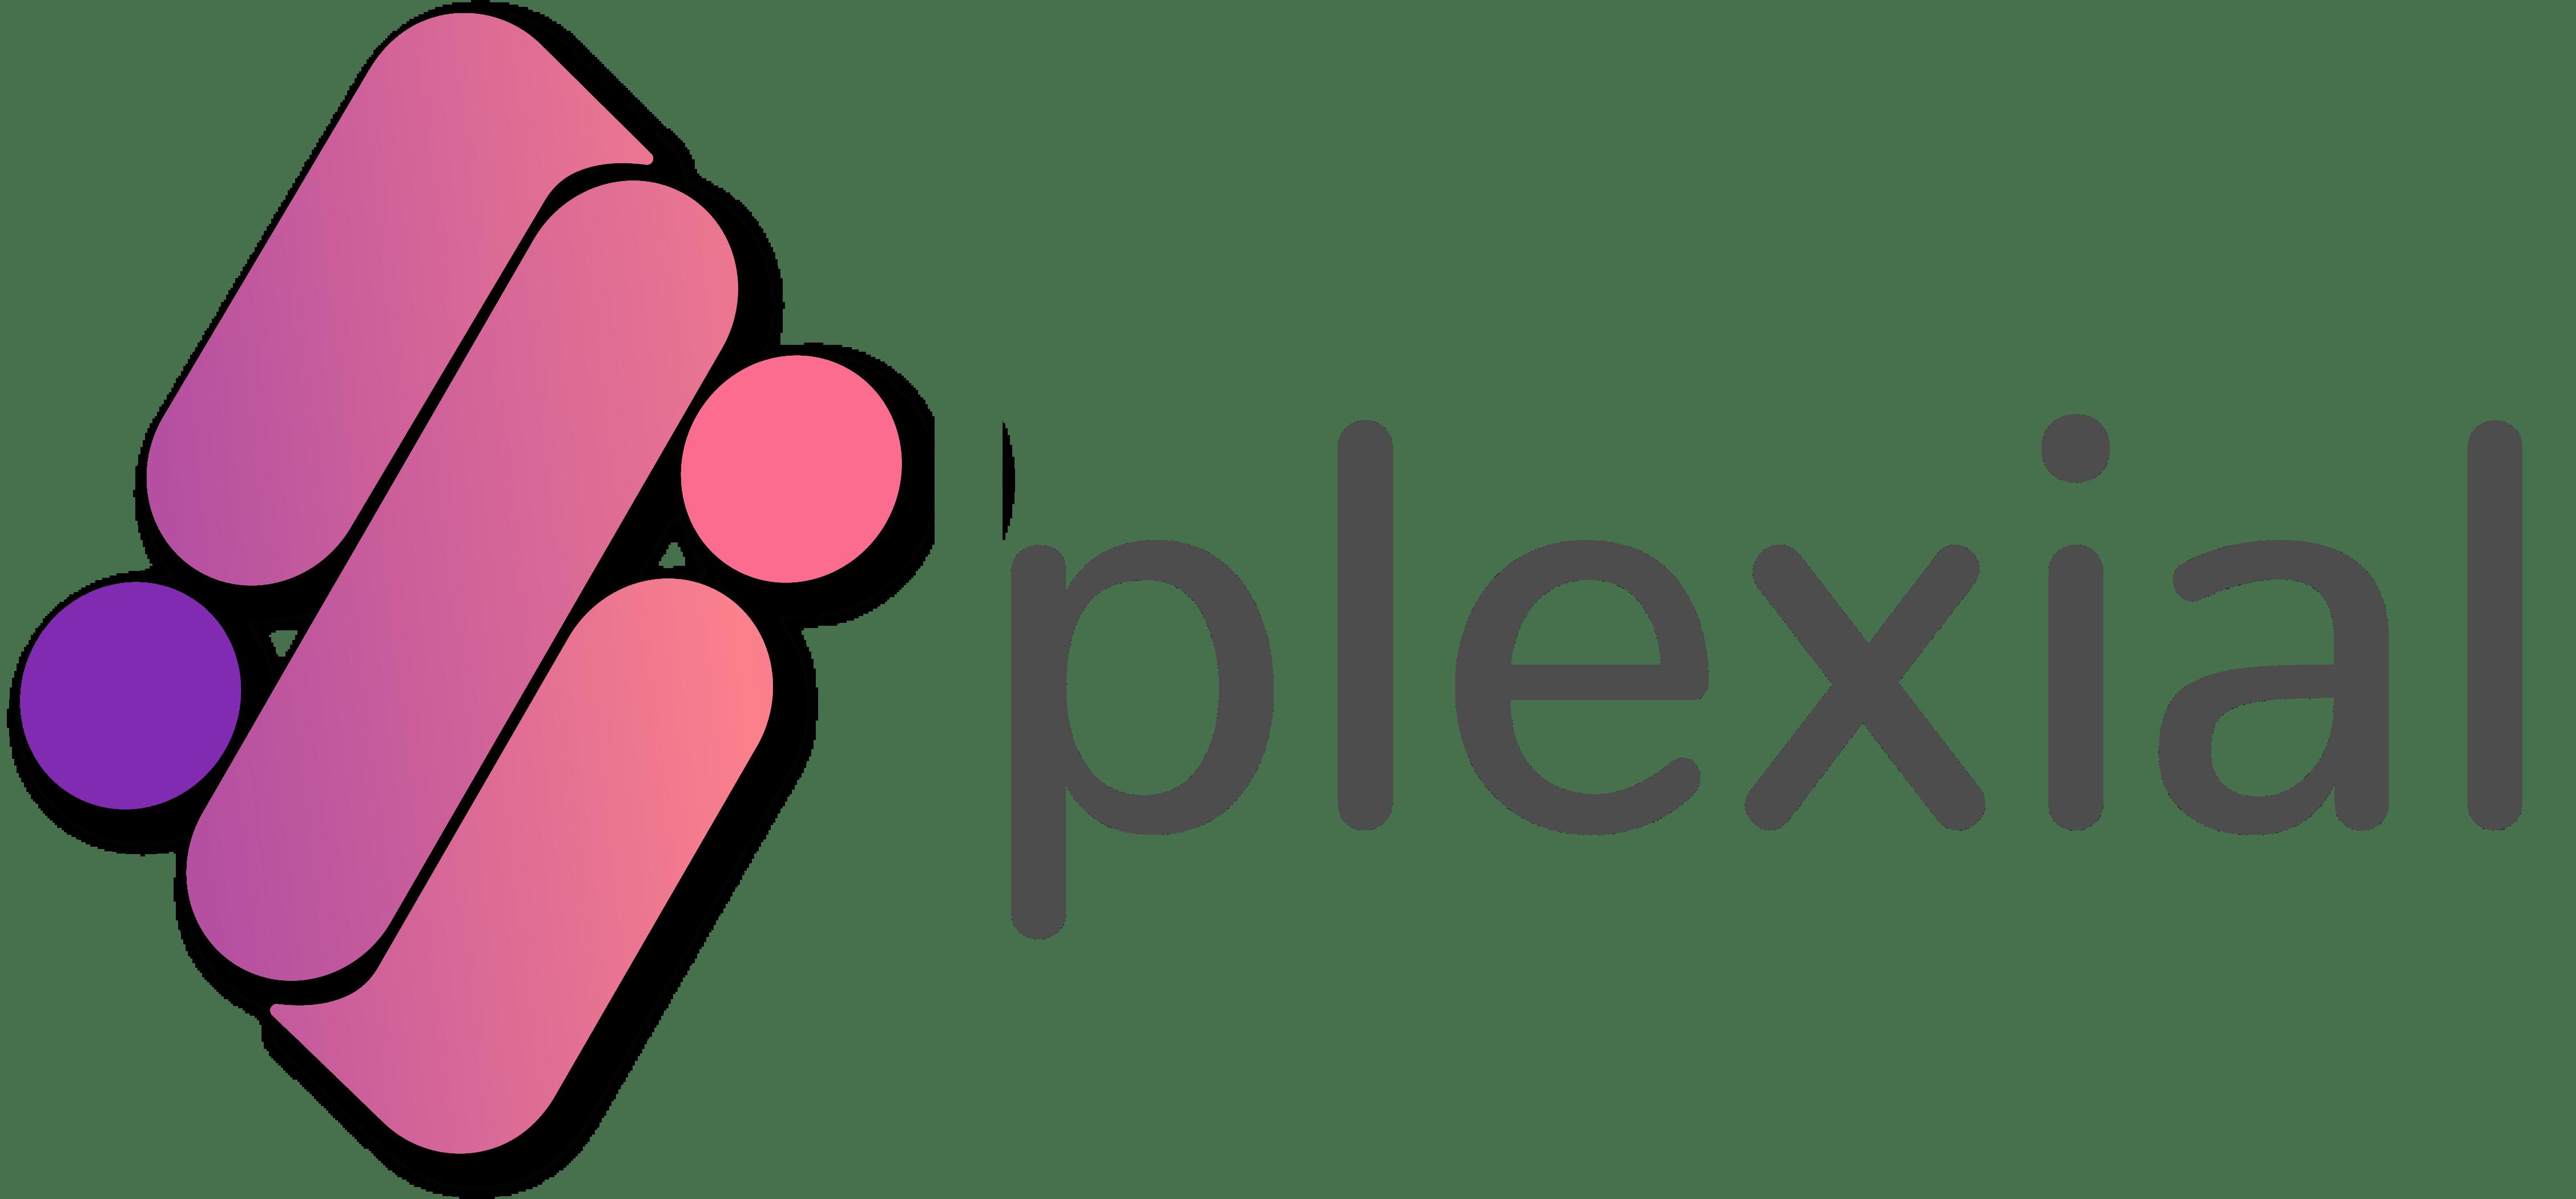 Plexial